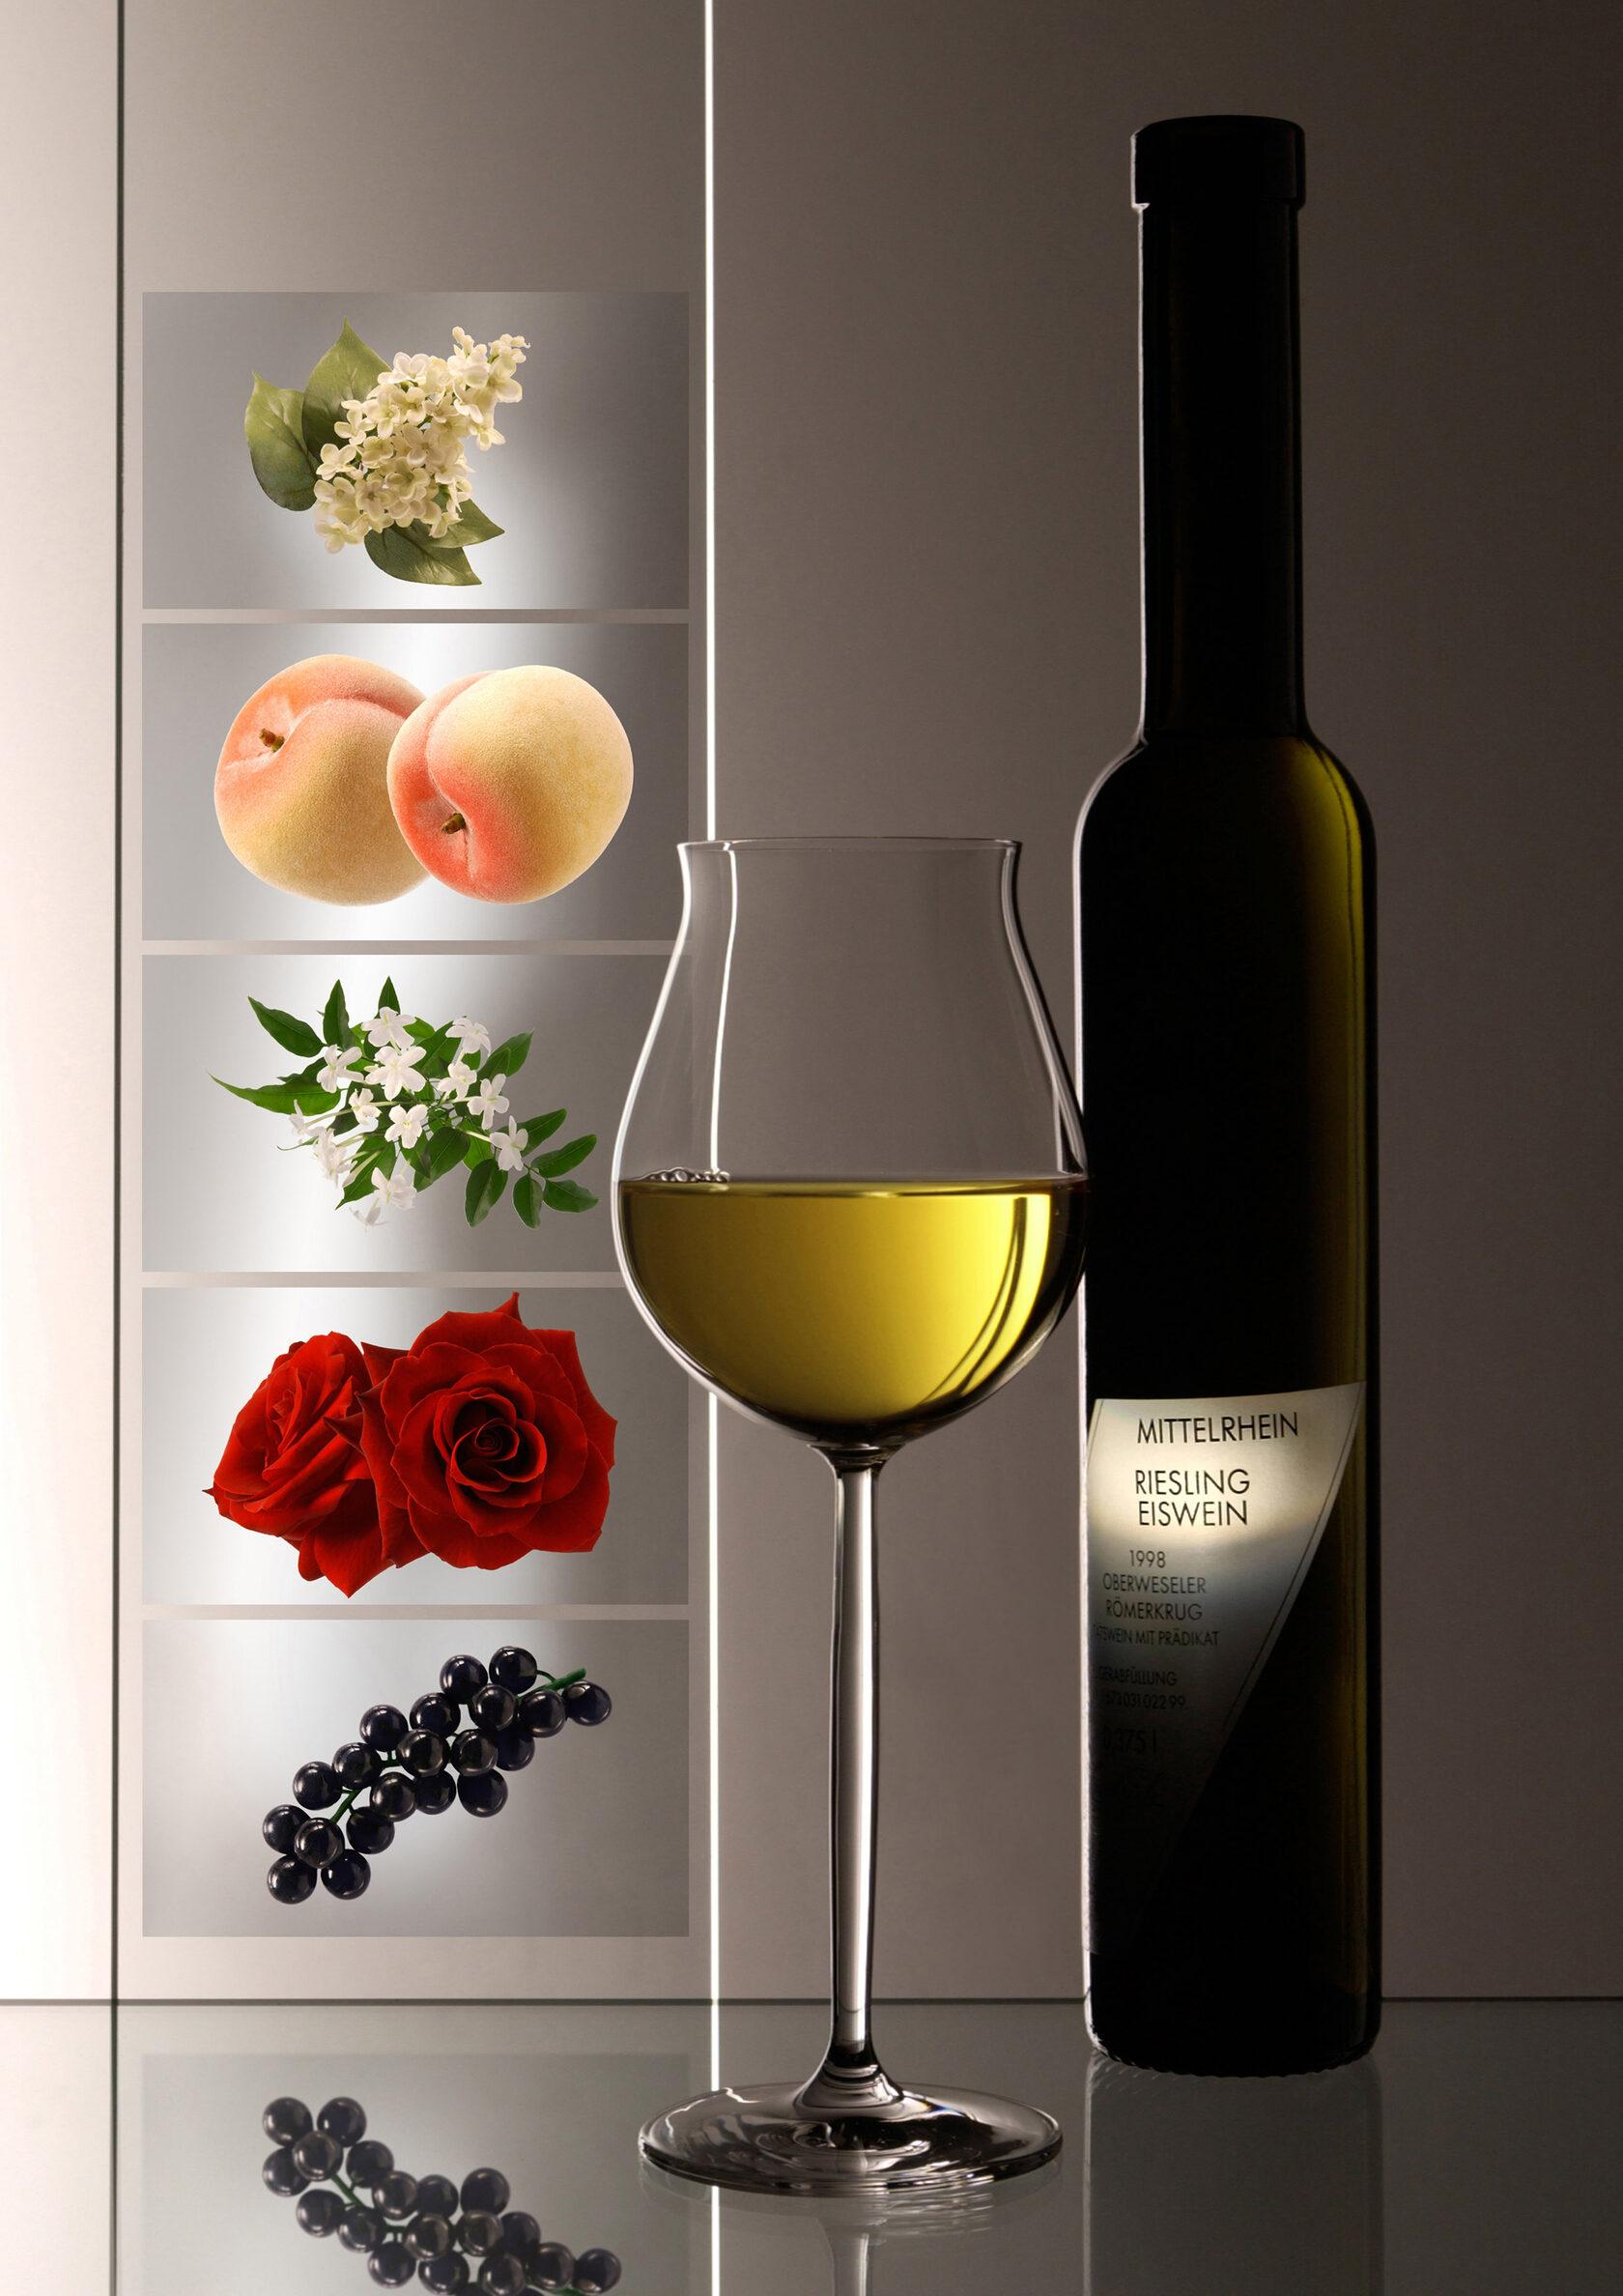 Фото: Deutsches Weininstitut